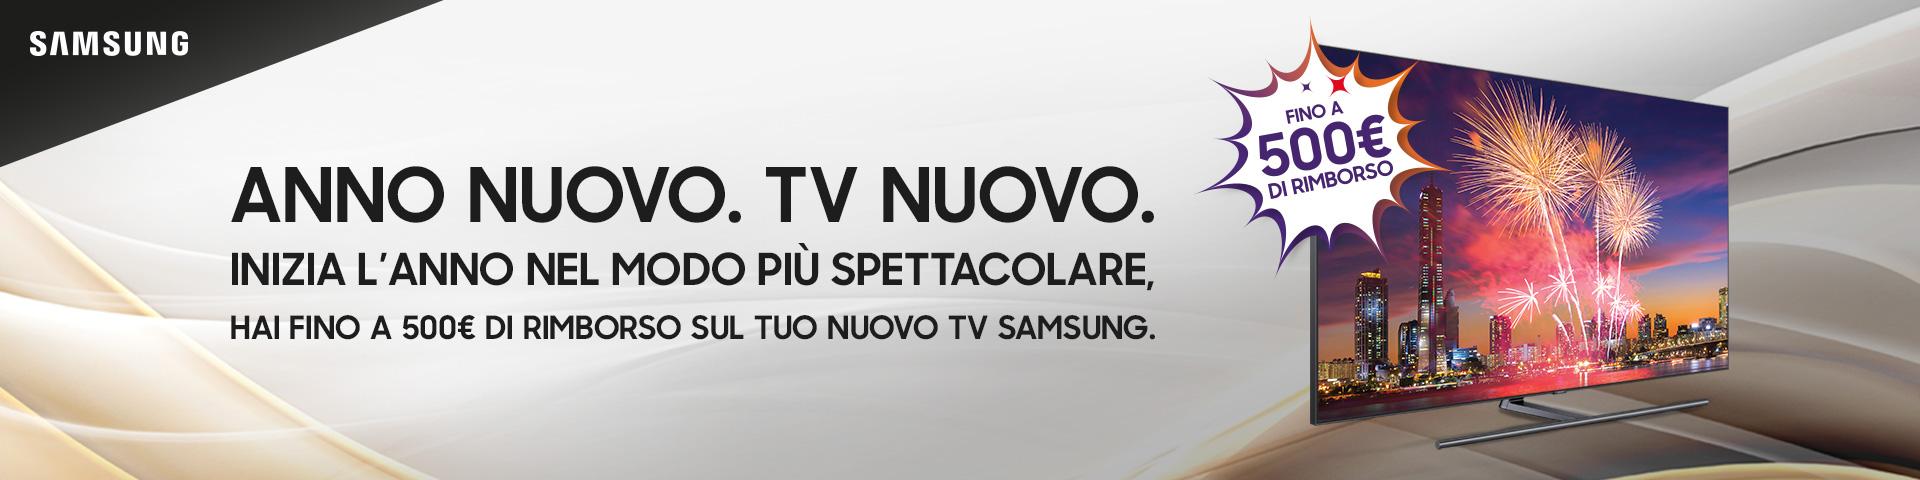 Samsung rimborsa fino a 500 euro sull'acquisto di una sua Smart TV 1